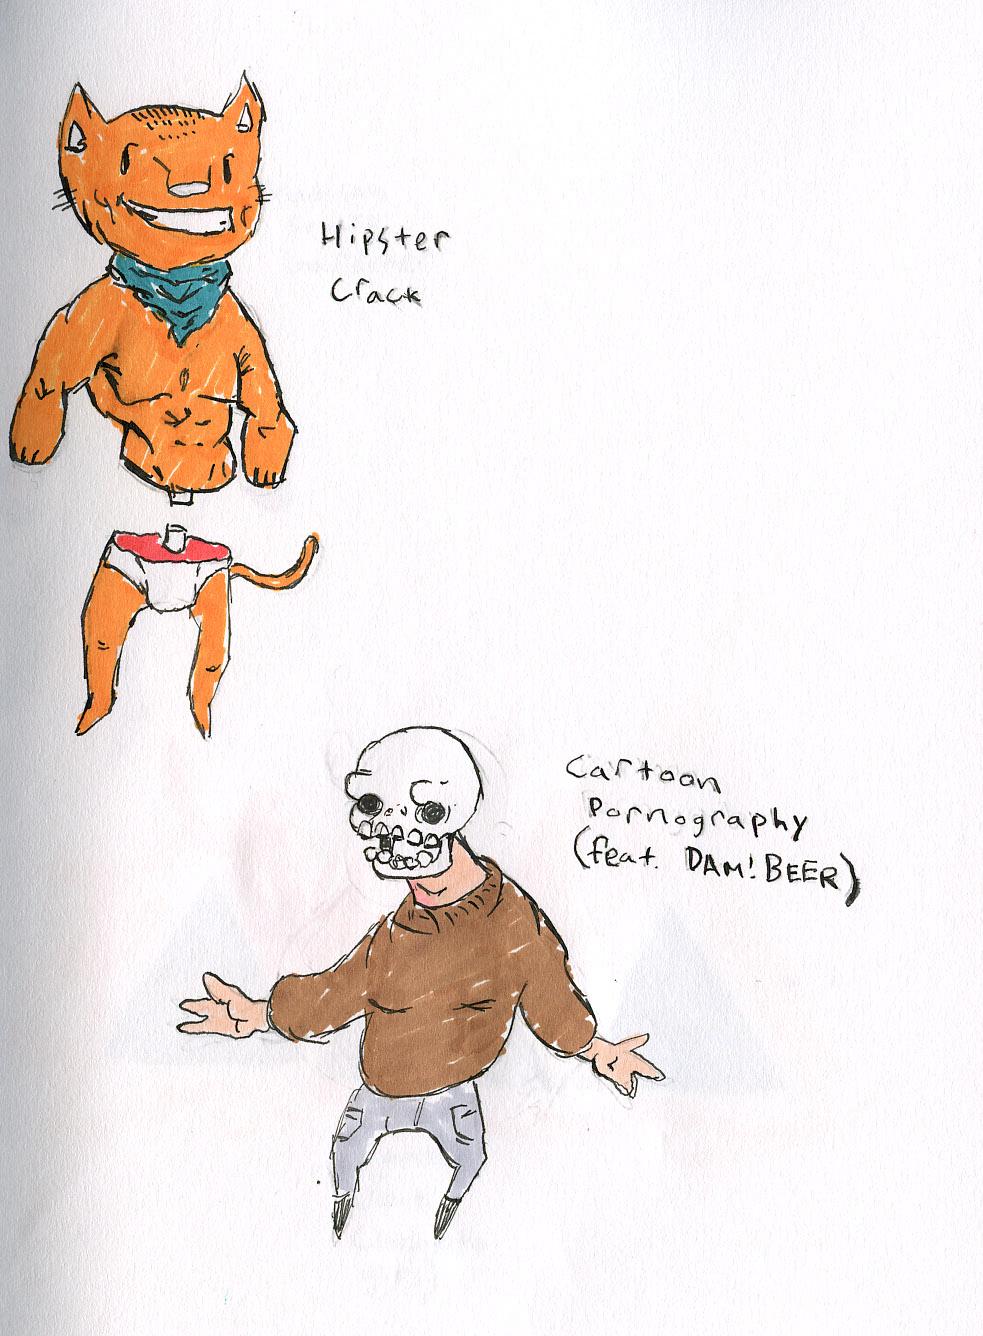 Hipster Crack